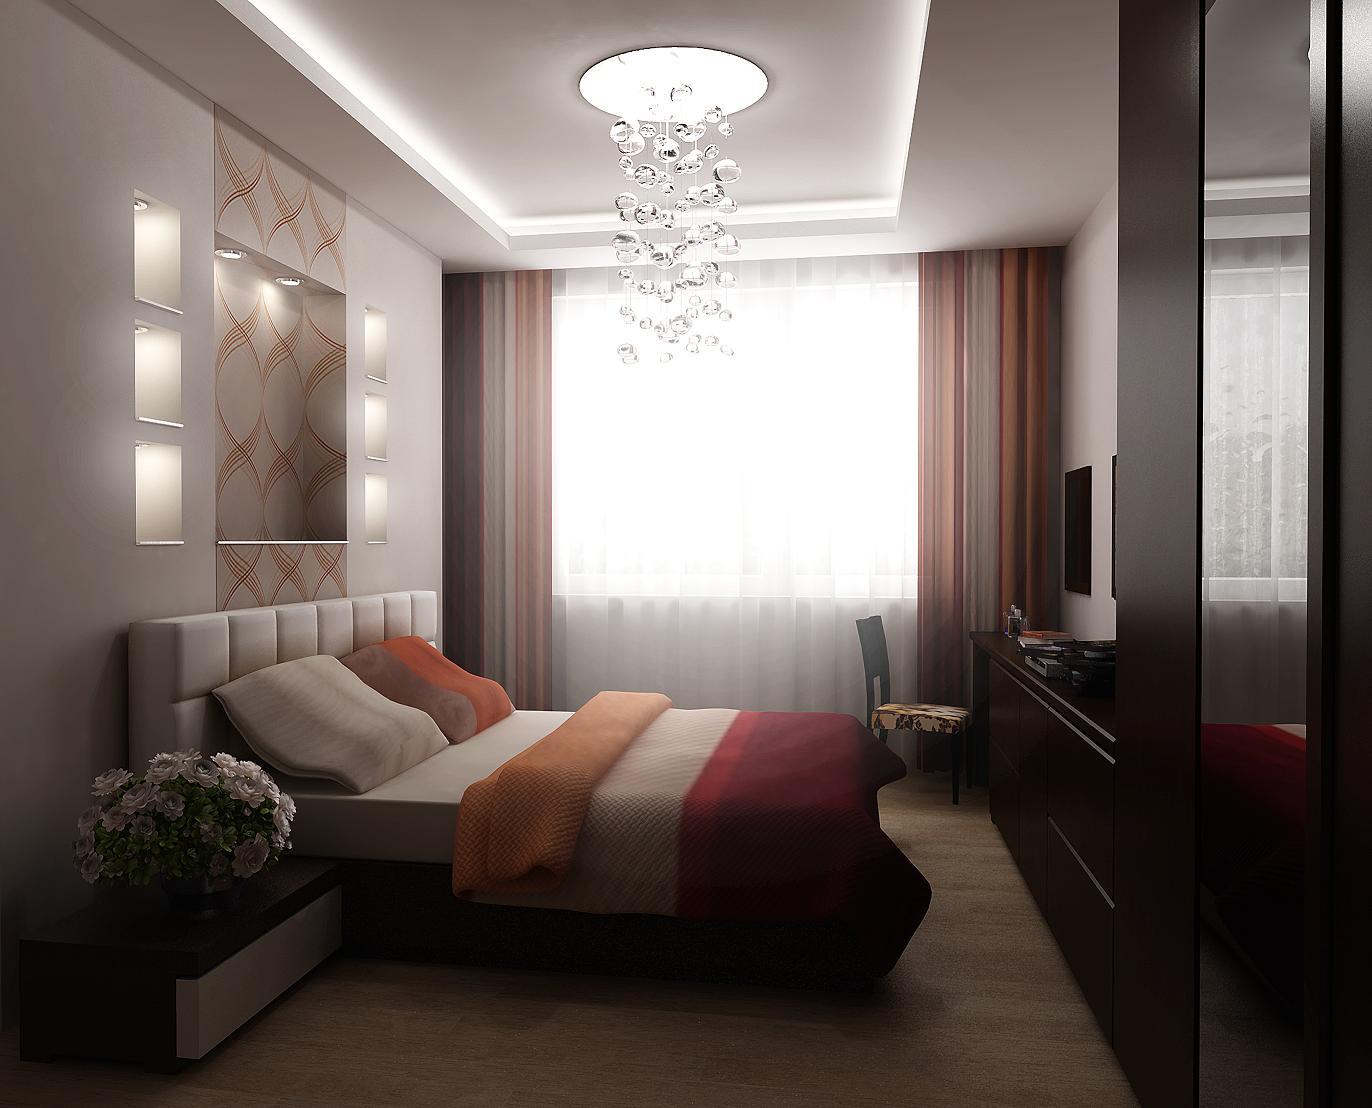 Особенности дизайна маленькой спальни - декорирование, подбо.